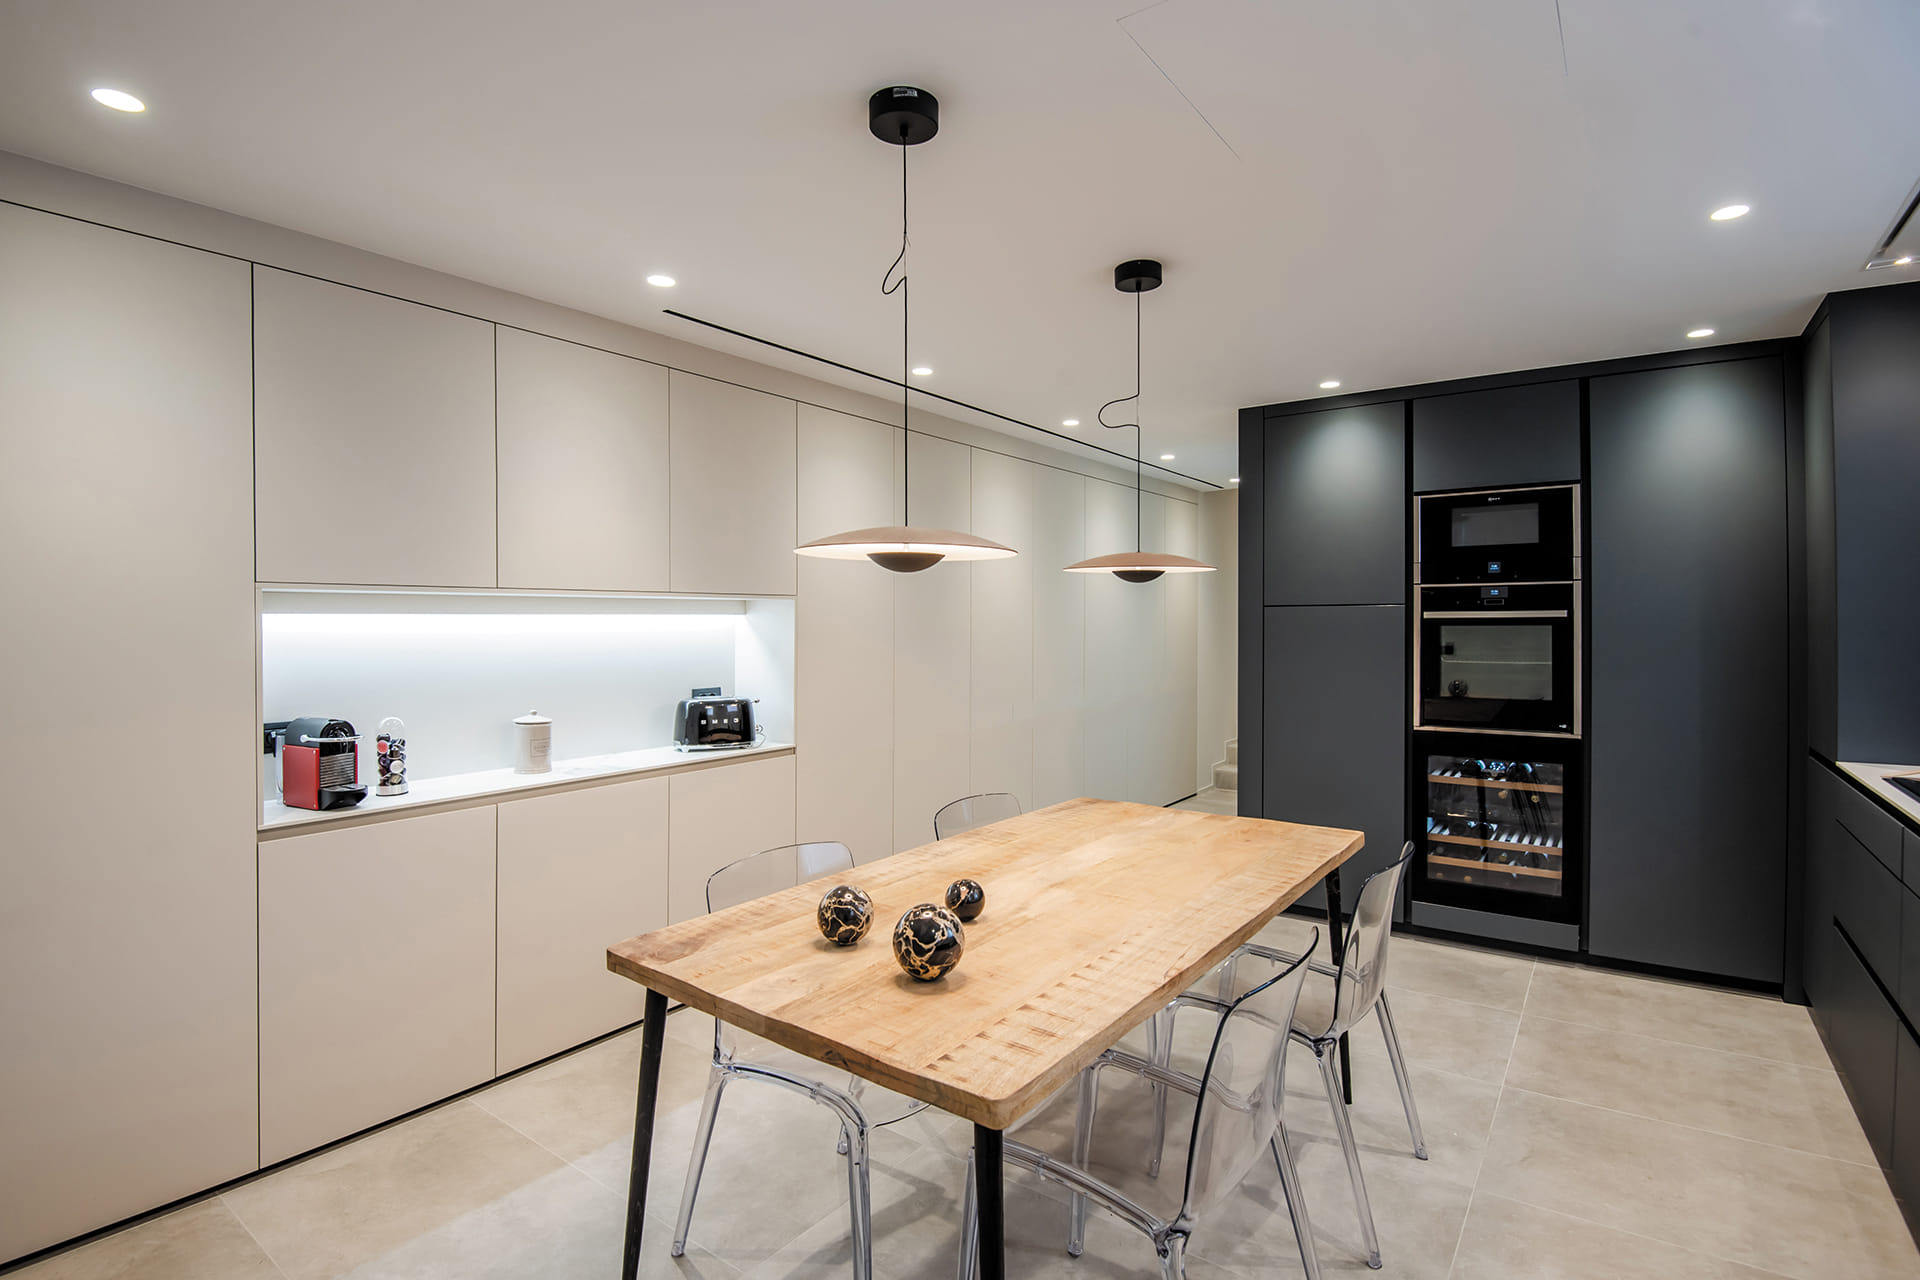 Witte keuken met modules en kasten